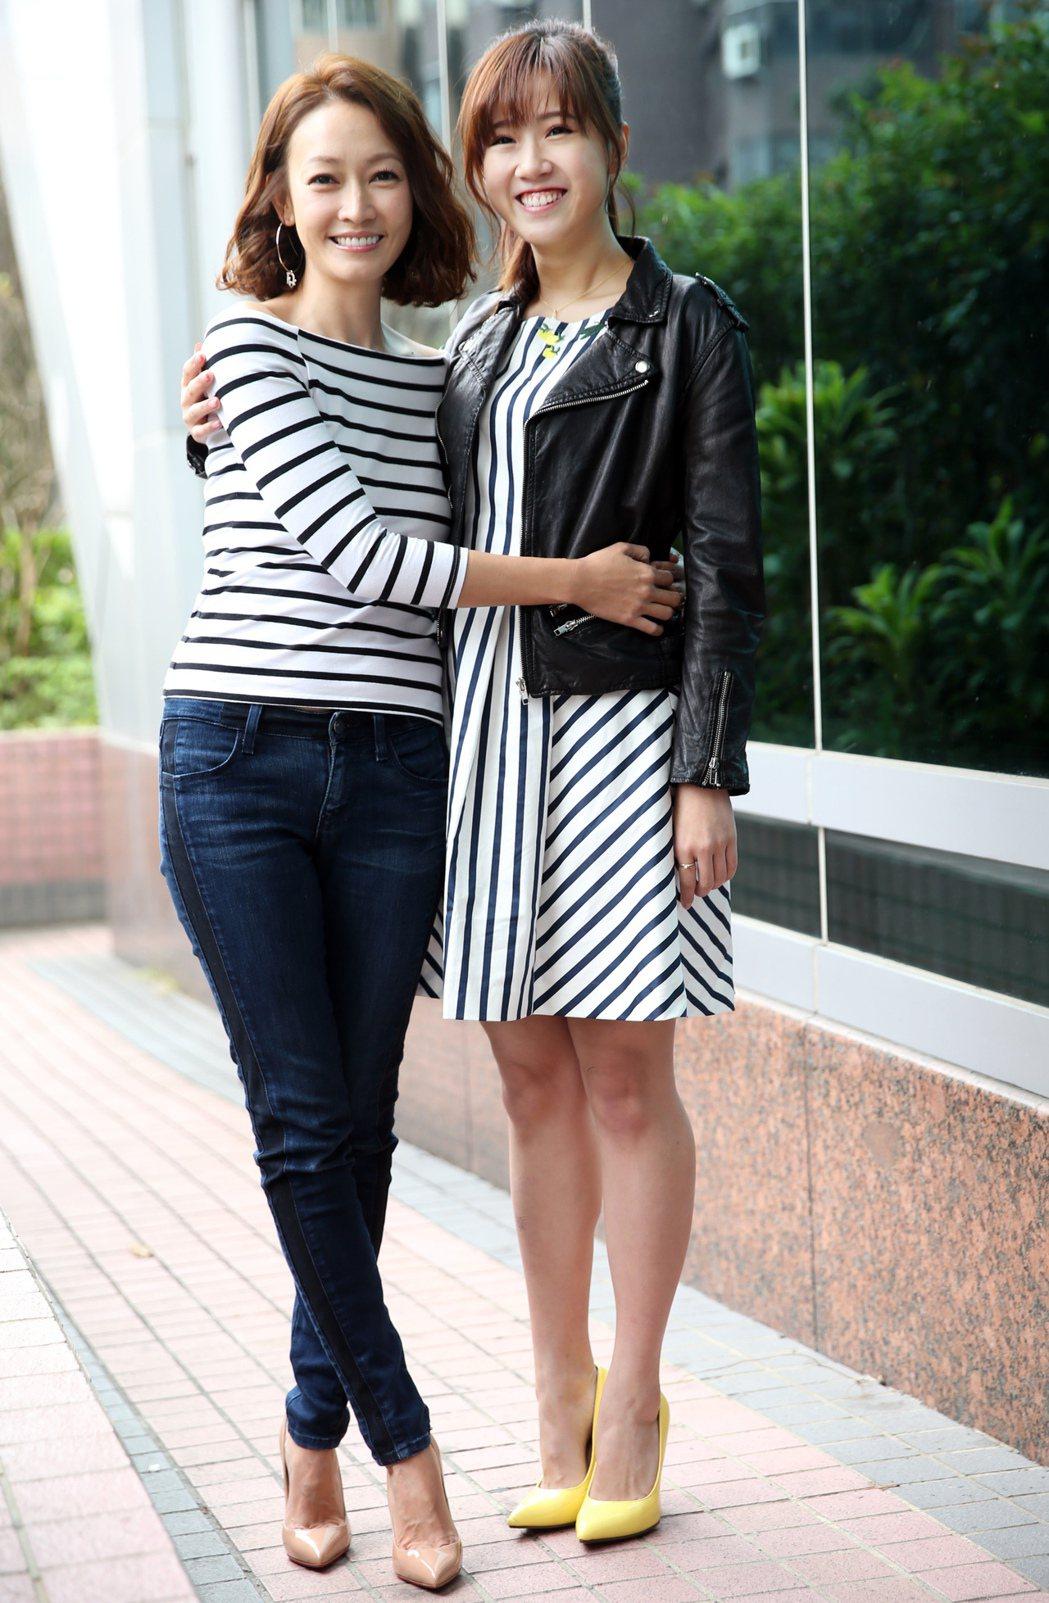 方志友(右)、潘慧如(左)出席公視《十女》記者會宣傳新戲。記者徐兆玄/攝影